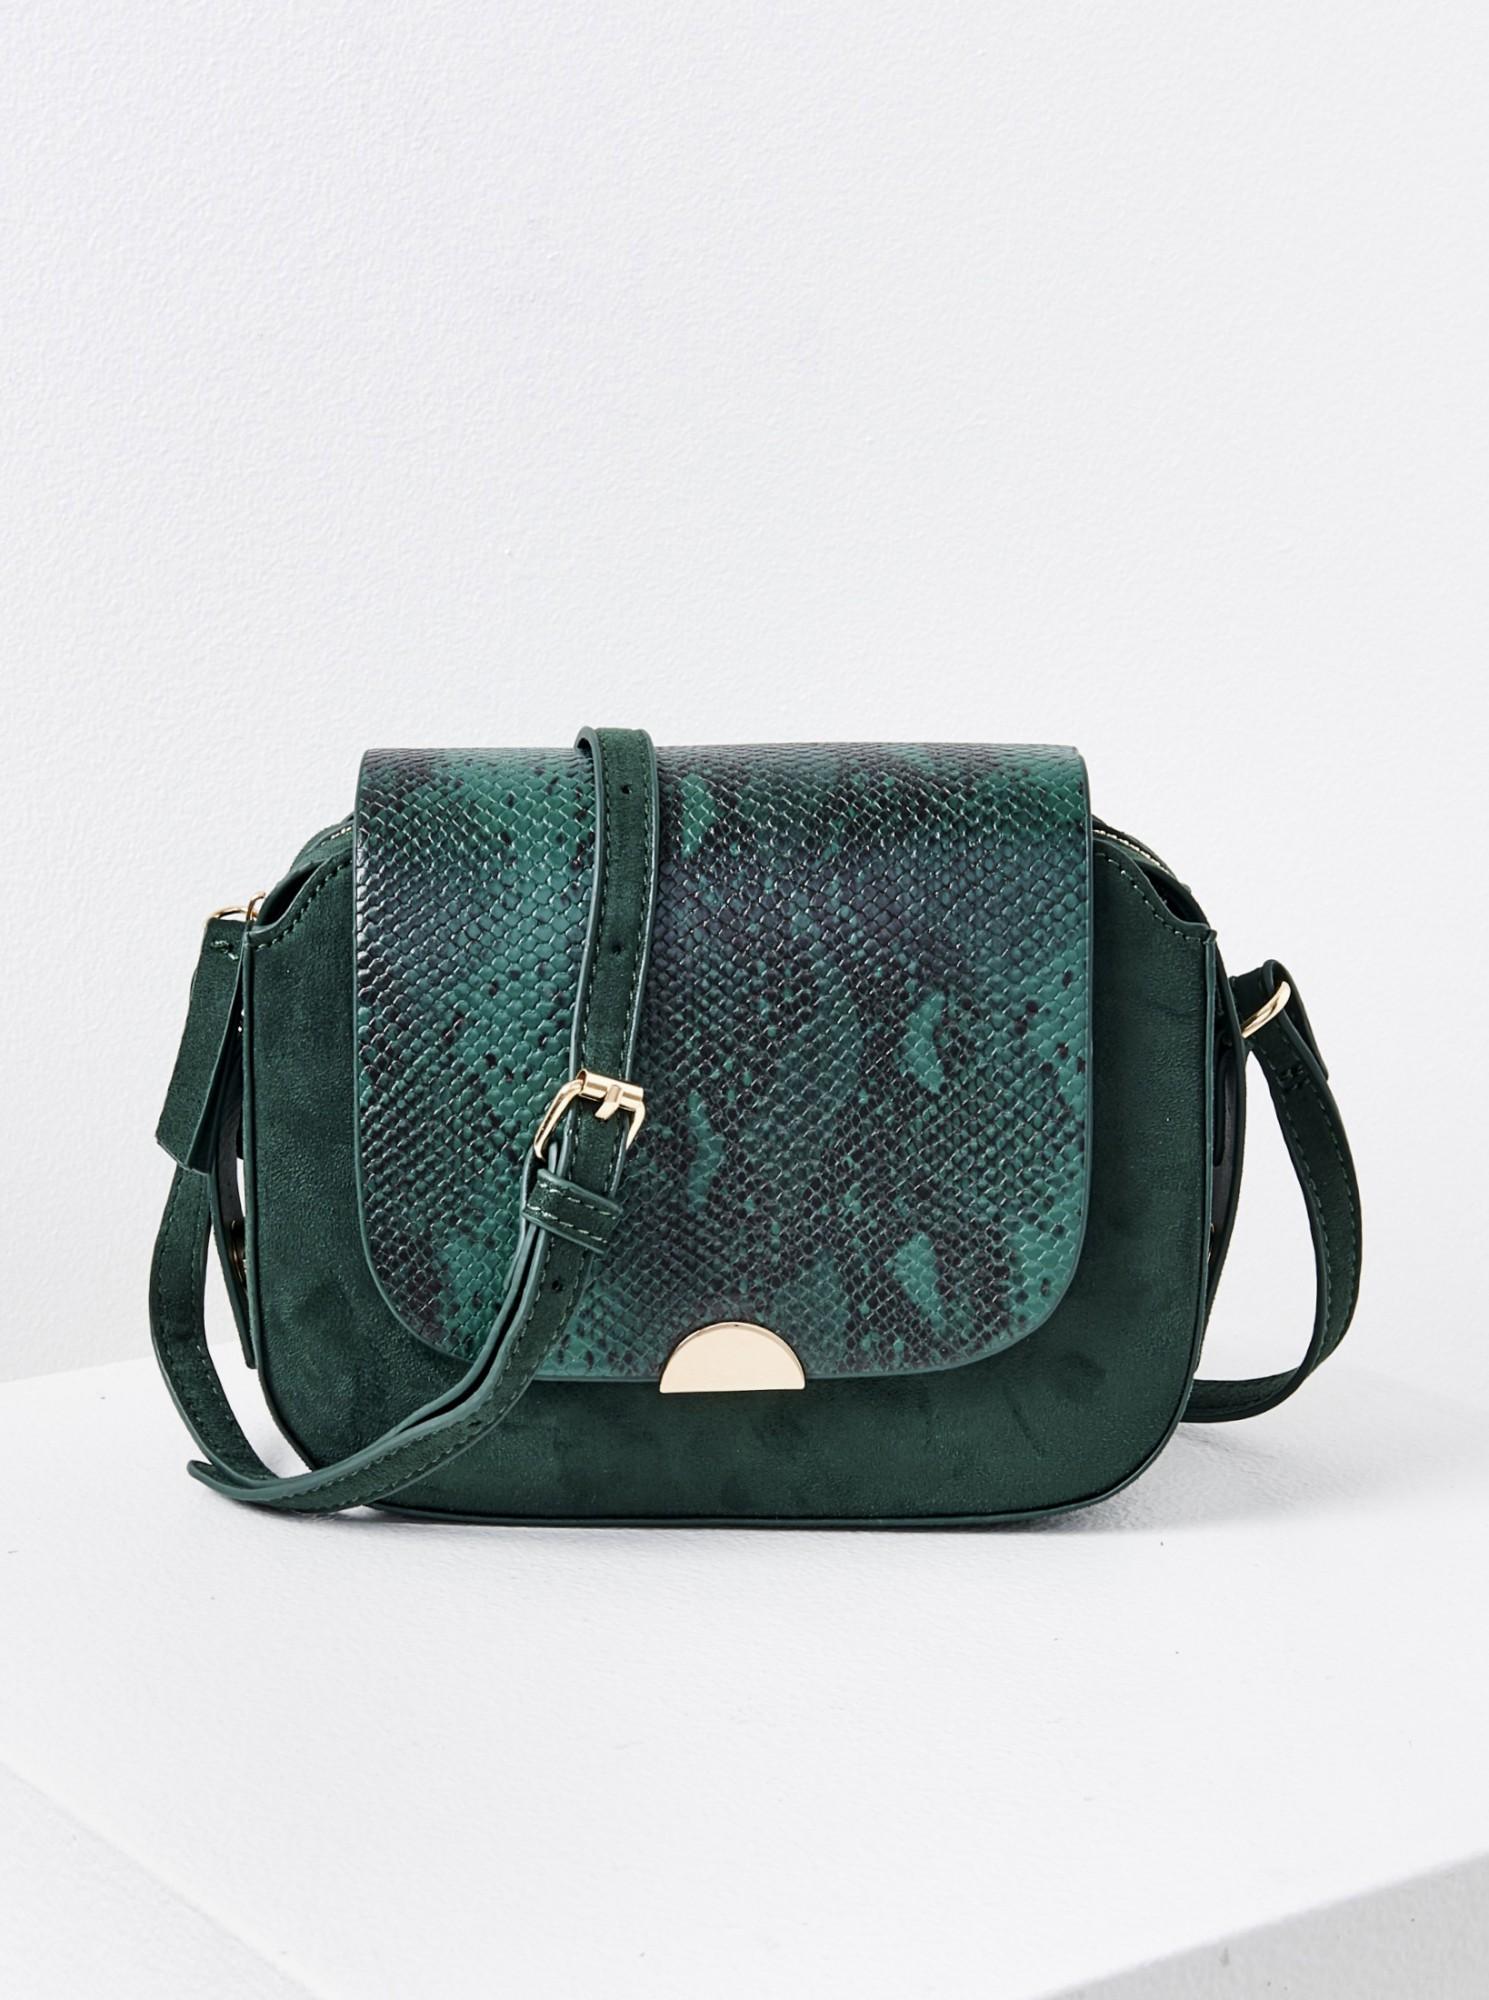 CAMAIEU Women's bag petrol blue